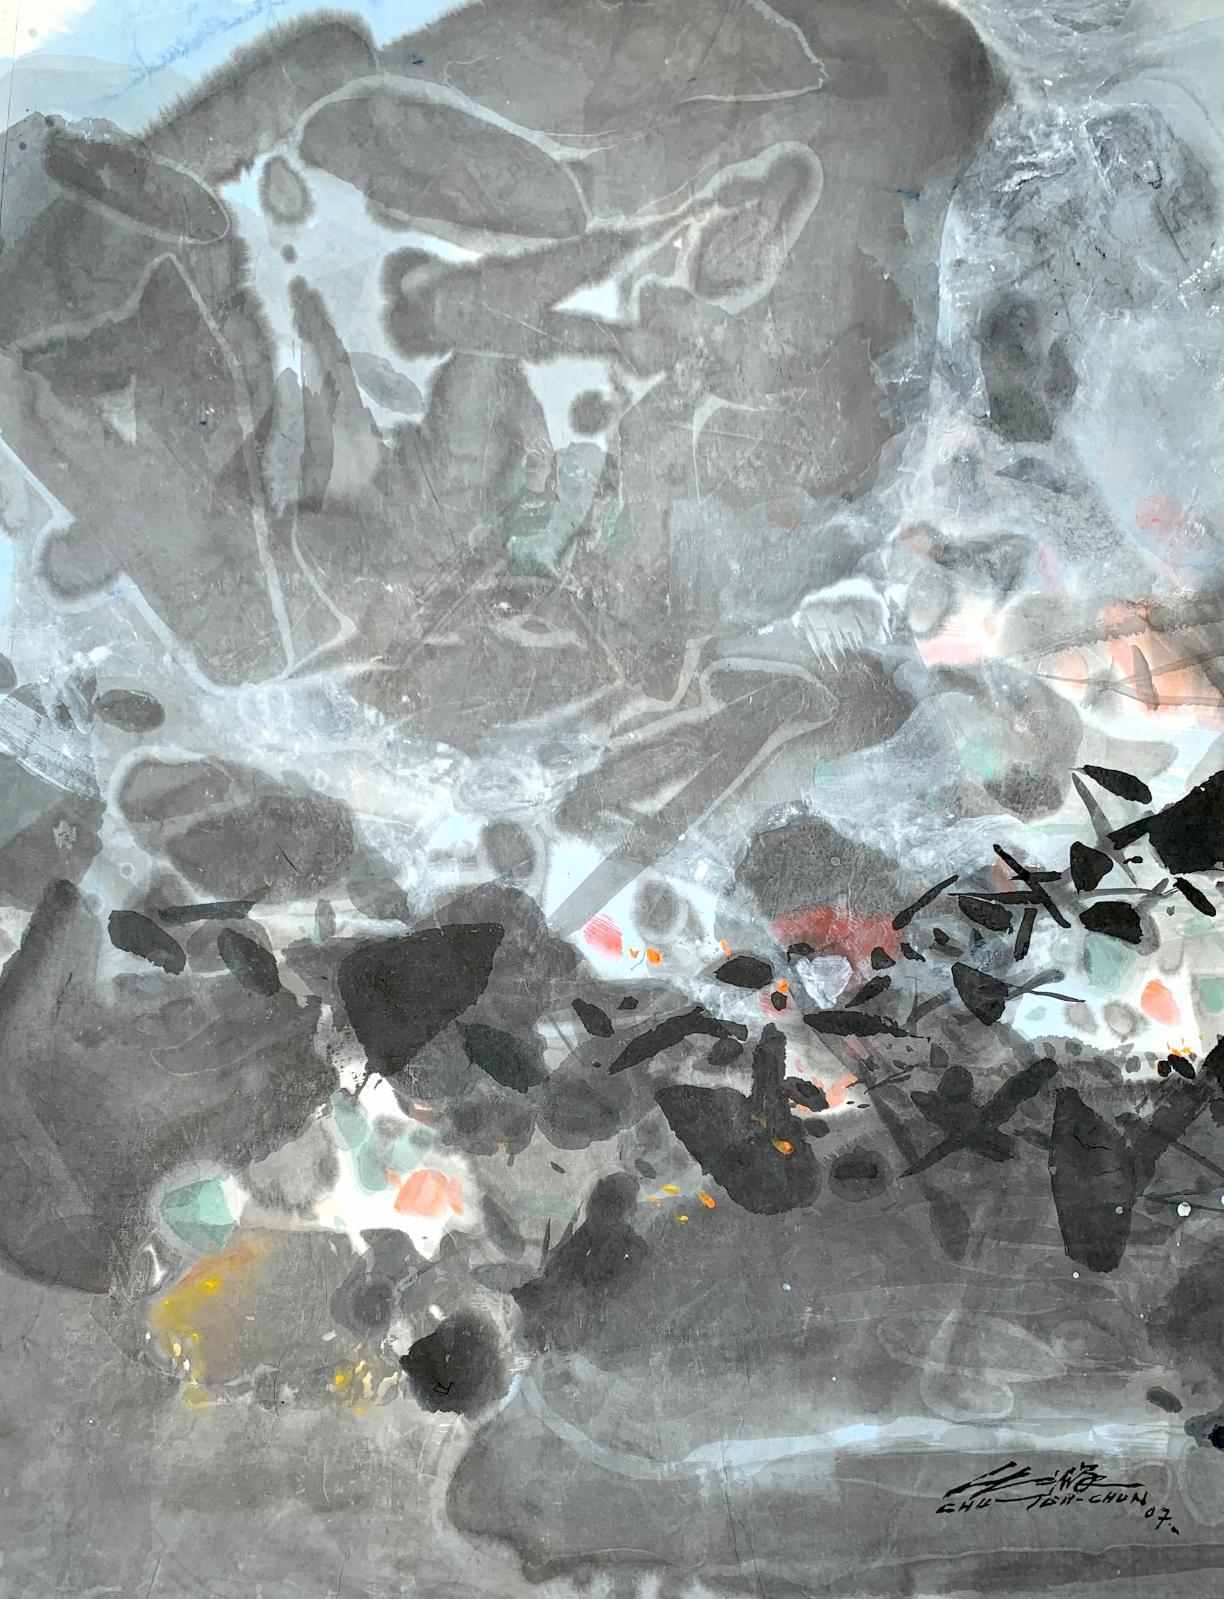 Chu Teh-chun (1920-2014), Sans titre, encre sur papier, 2007, 68,5 x 53,5 cm.© Adagp Paris 2020